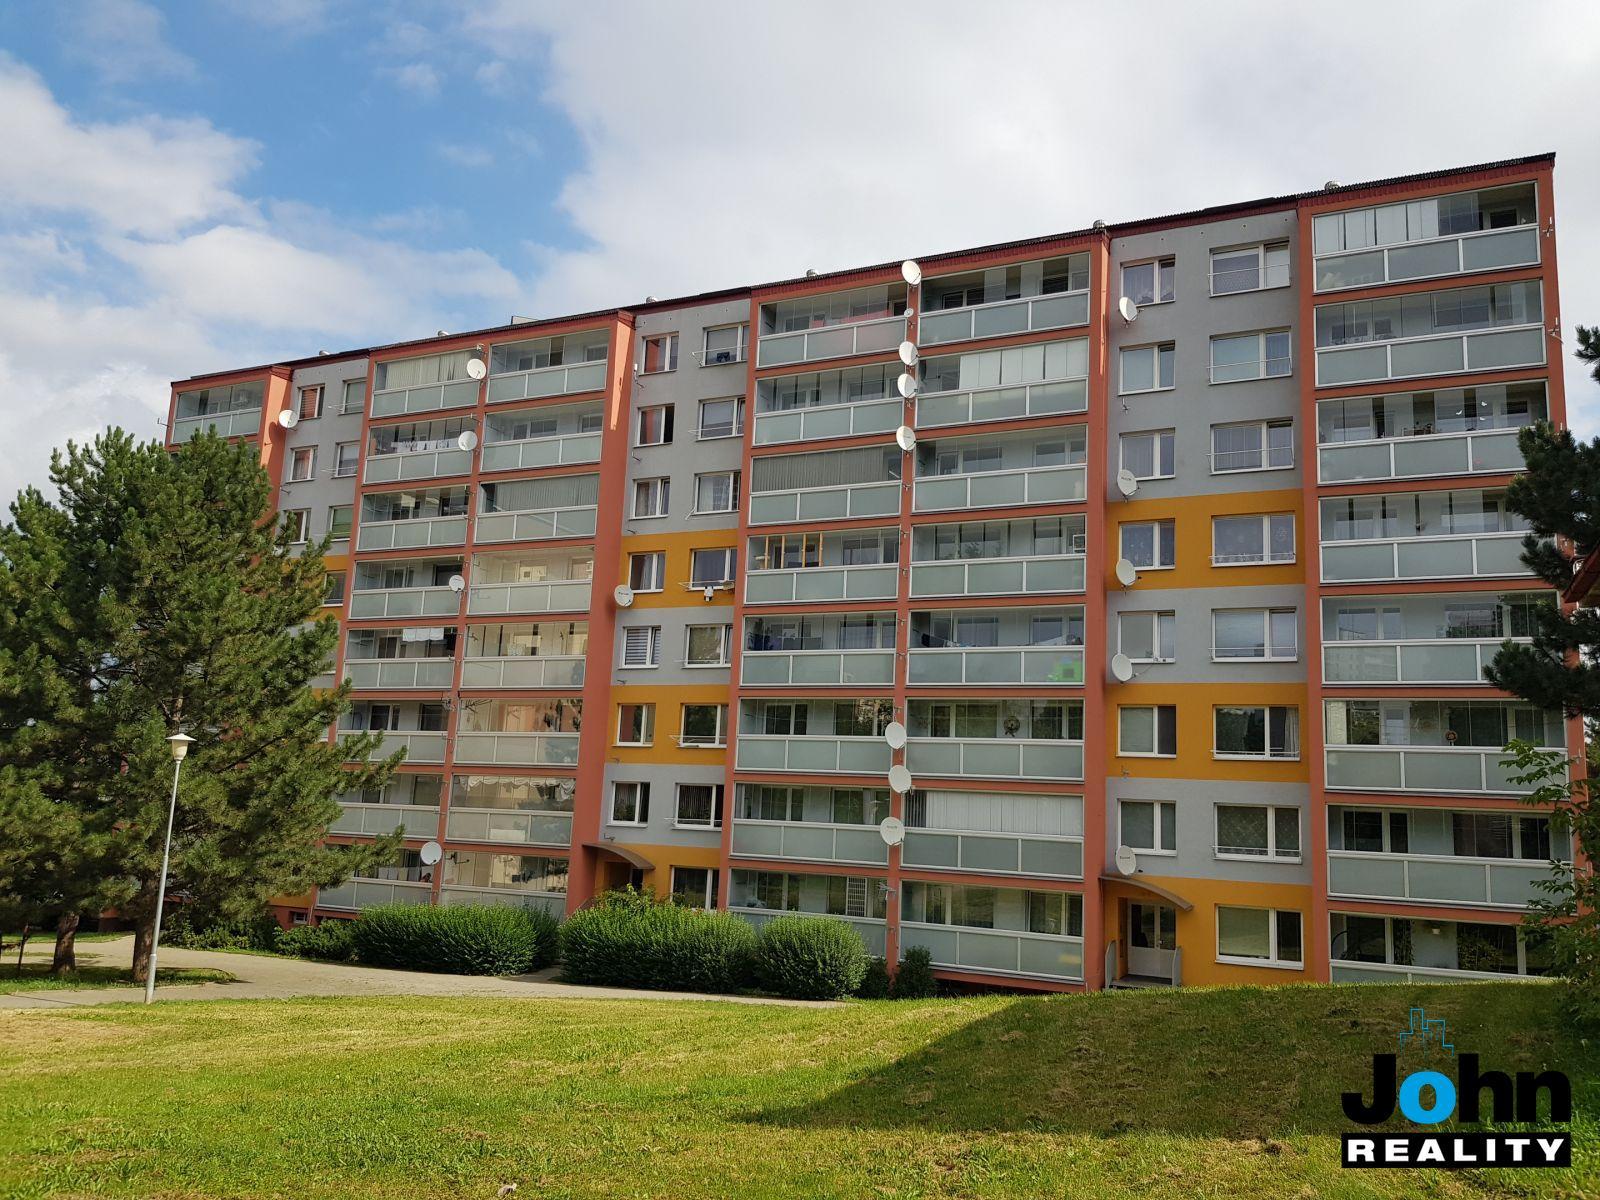 Prodej bytu 2+kk v Mostě, ul. Jiřího Wolkera